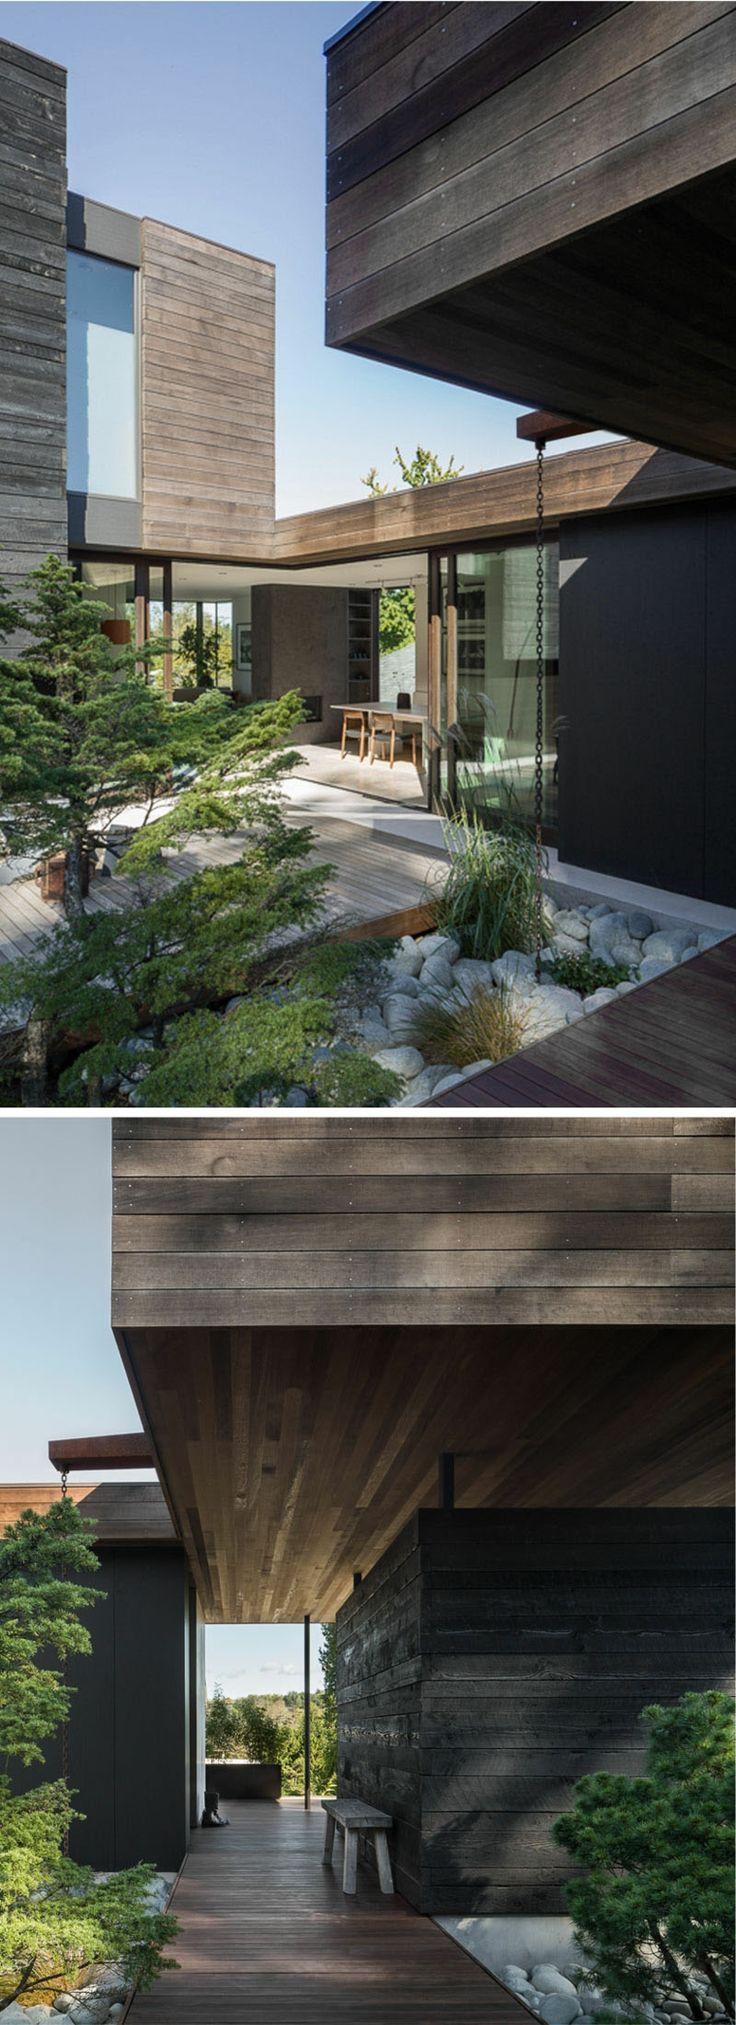 une cour intérieure d'une maison à Seattle : image prise de l'extérieure